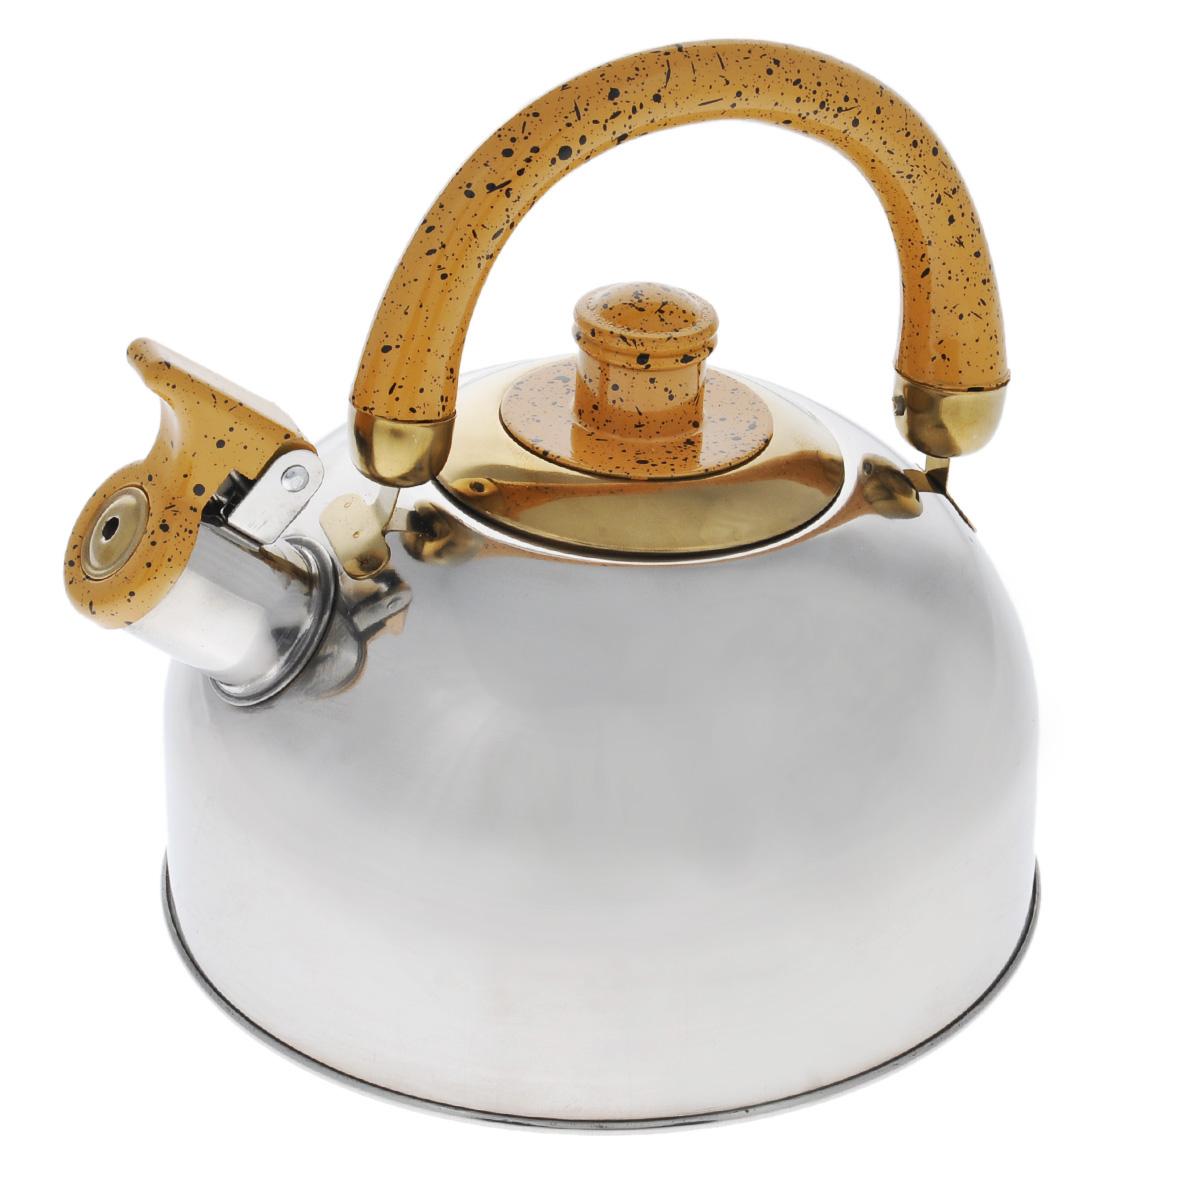 Чайник Mayer & Boch, со свистком, цвет: золотистый, 2 л. MB-1622MB-1622Чайник Mayer & Boch выполнен из шлифованной зеркальной нержавеющей стали высокой прочности. Чайник оснащен откидным свистком, который громко оповестит о закипании воды. Удобная эргономичная ручка и крышка выполнены из бакелита. Такой чайник идеально впишется в интерьер любой кухни и станет замечательным подарком к любому случаю. Подходит для газовых, электрических, стеклокерамических, галогеновых плит. Не подходит для индукционных плит. Можно мыть в посудомоечной машине.Диаметр чайника (по верхнему краю): 8,5 см.Высота чайника (с учетом ручки): 20 см.